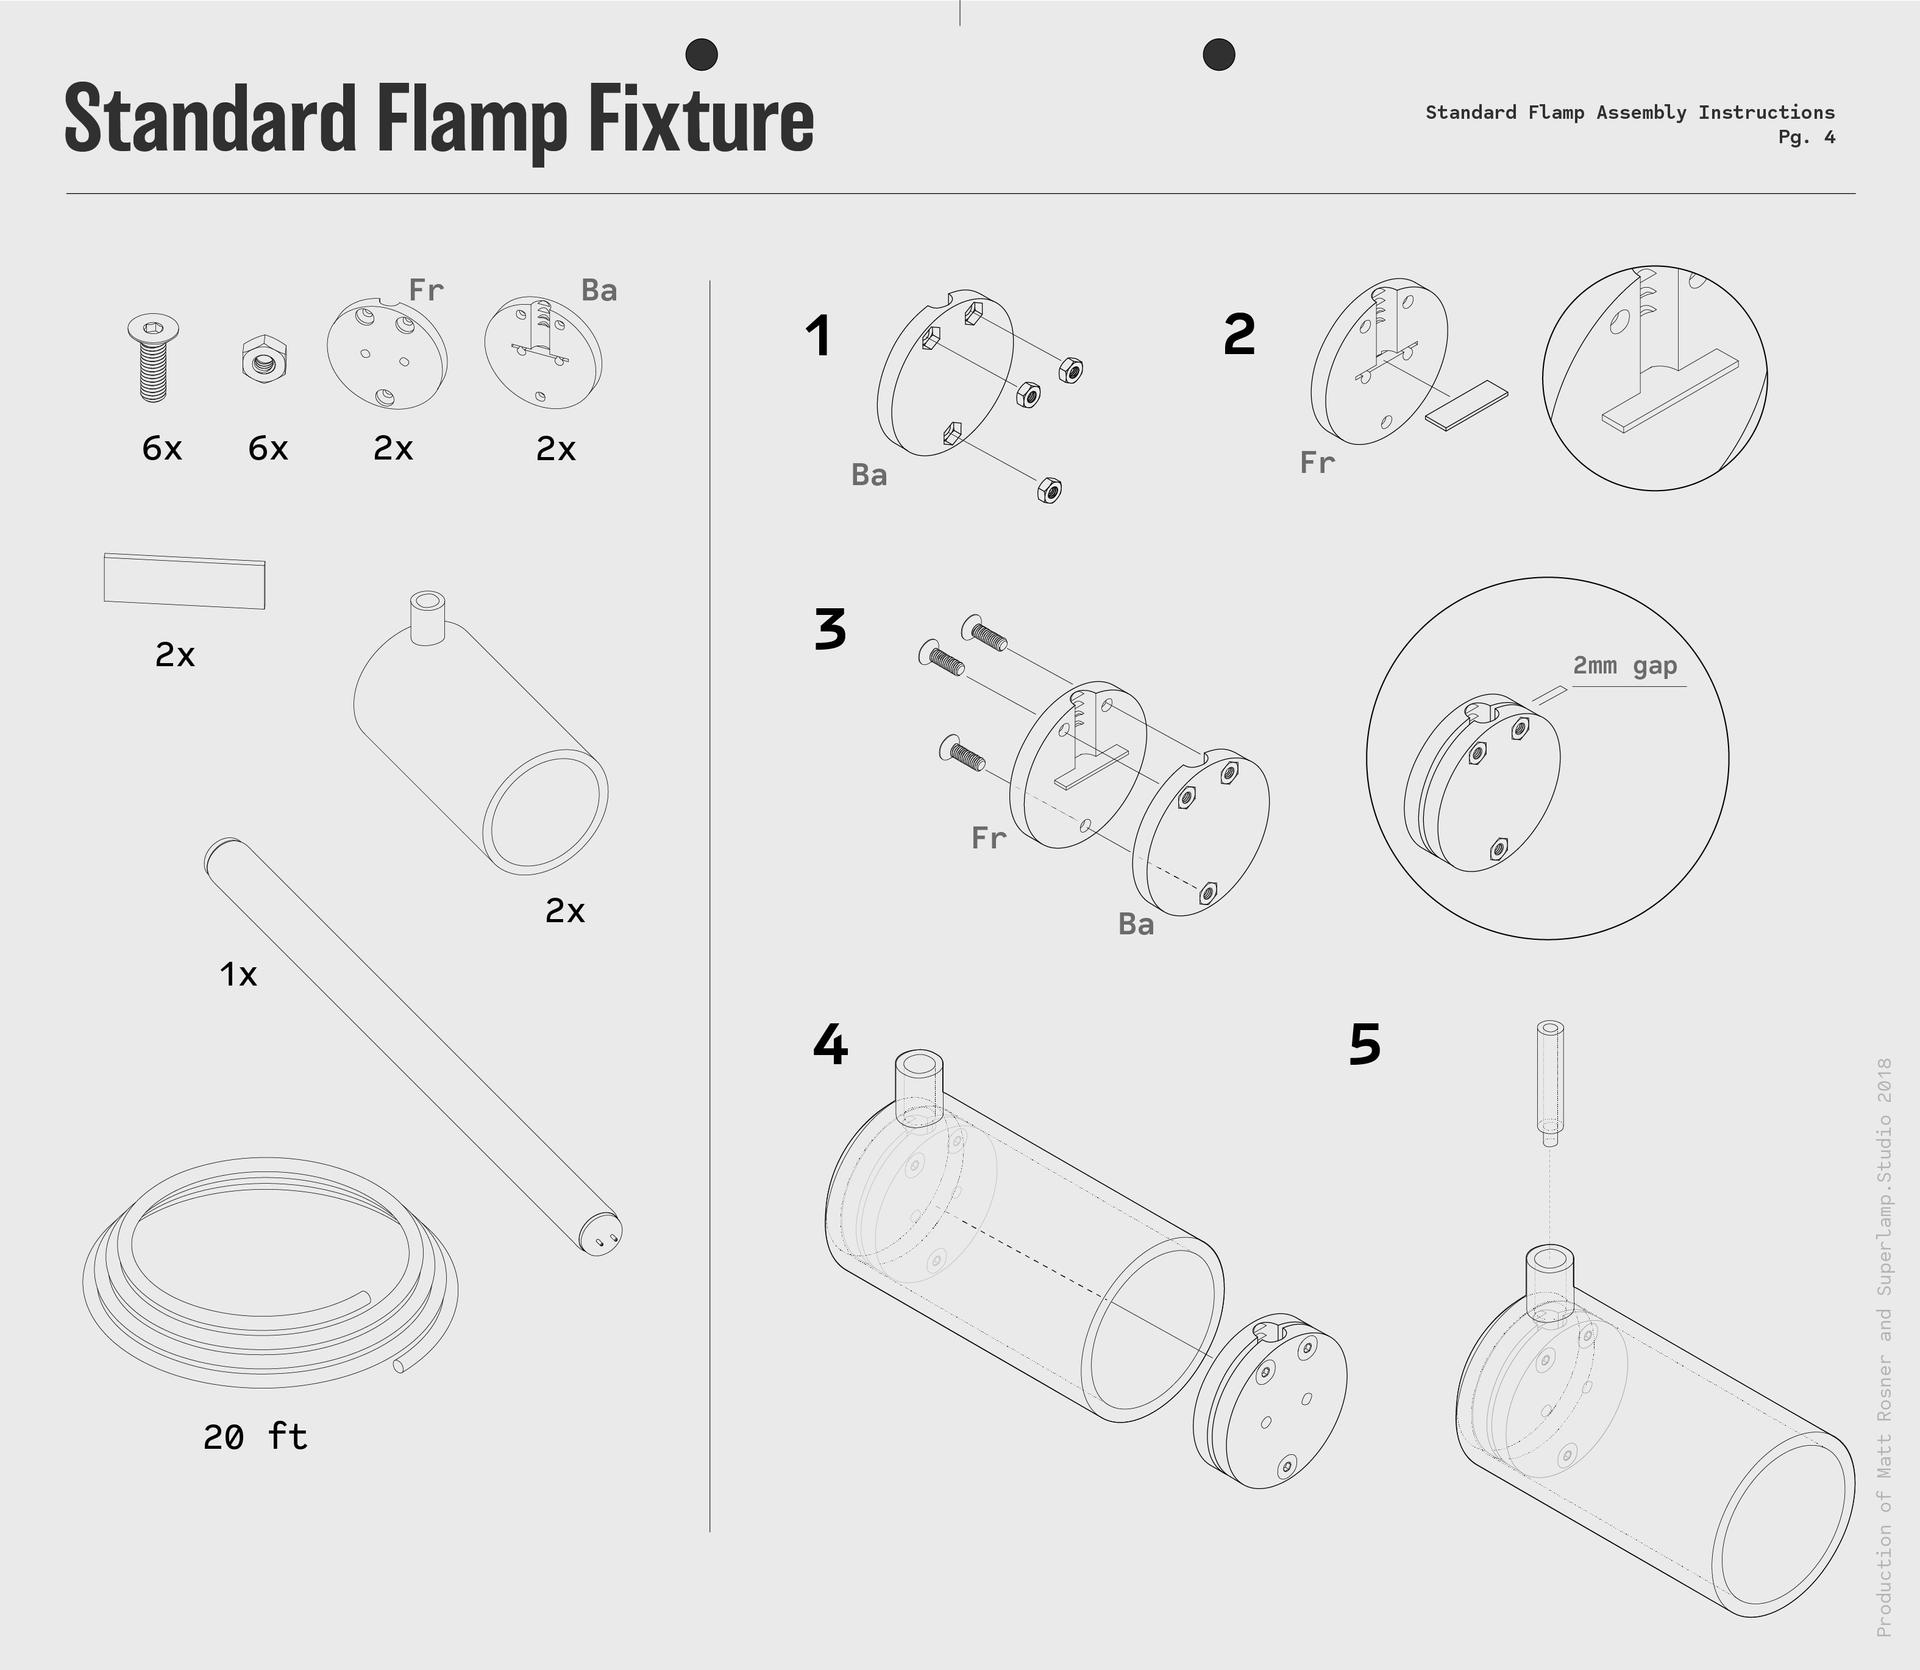 FLAMP_MCD_Standard Flamp Fixture_Drawing